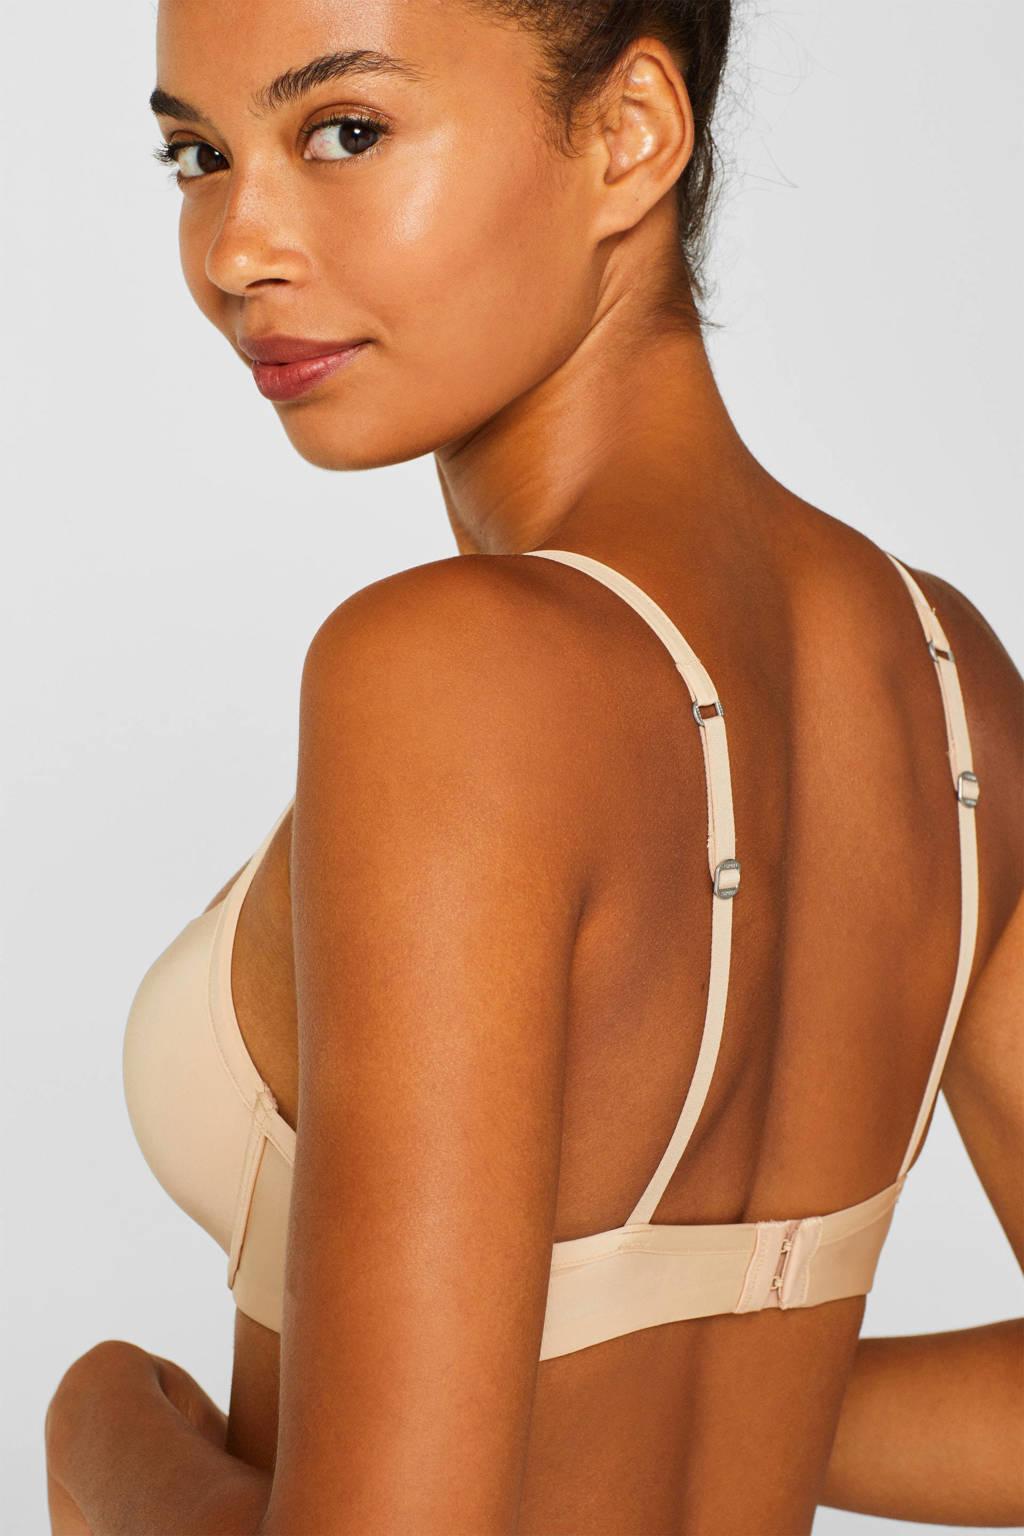 ESPRIT Women Bodywear voorgevormde beugelbh Broome beige, Beige